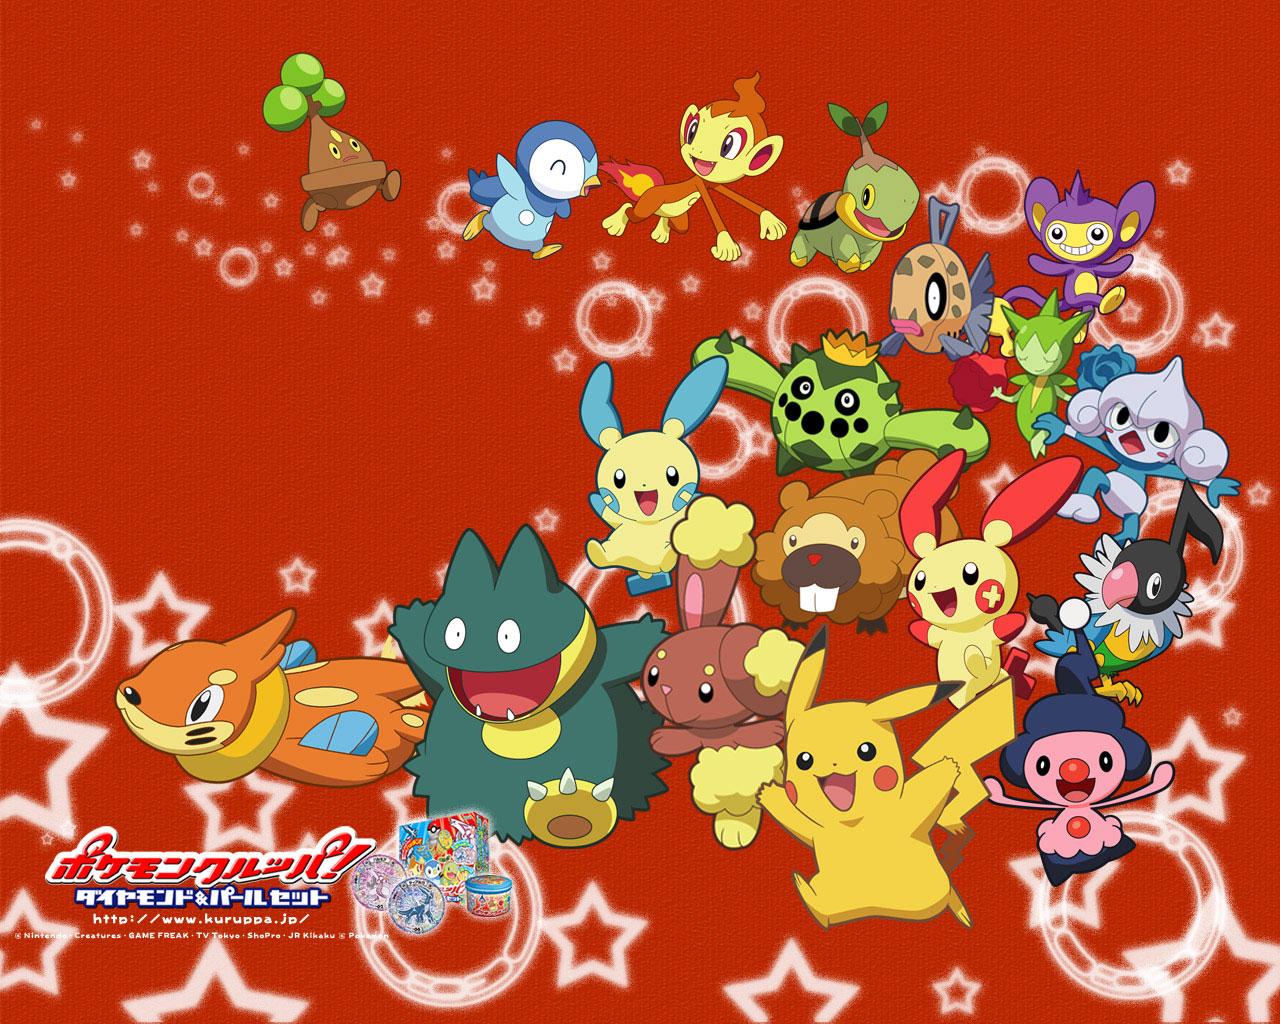 http://1.bp.blogspot.com/-xXlPXQhayZo/TVfTV_pMCfI/AAAAAAAAAvE/MVJvpfmvZ4Q/s1600/PokemonWallpaper256.jpg